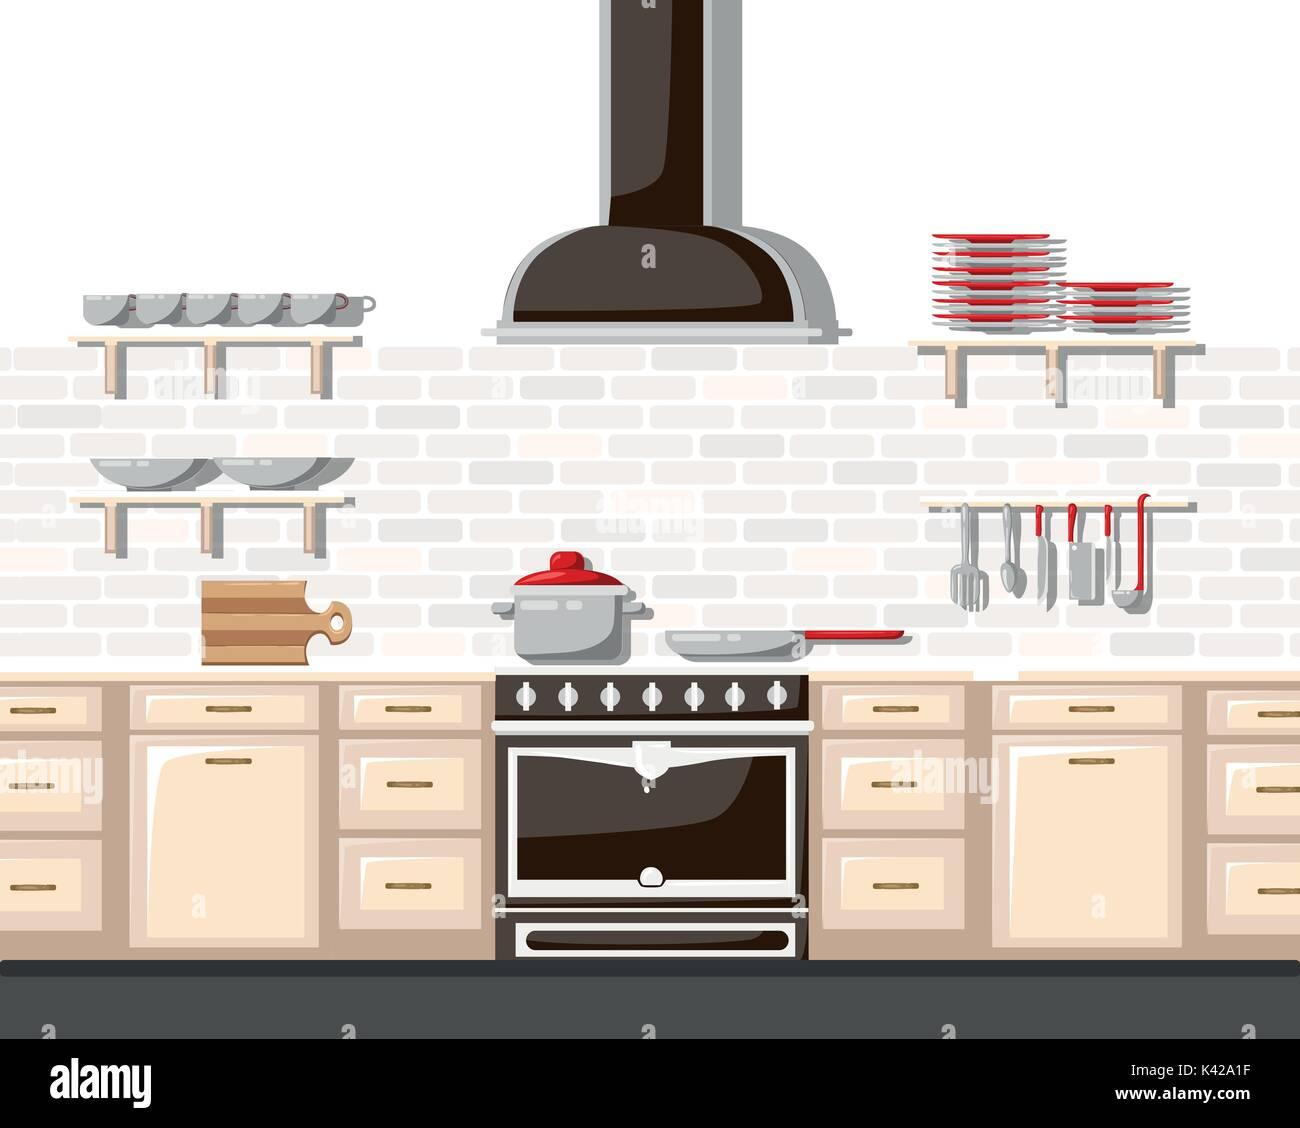 Cocina Con Muebles Estilo Plano Ilustración Vectorial Estilo De